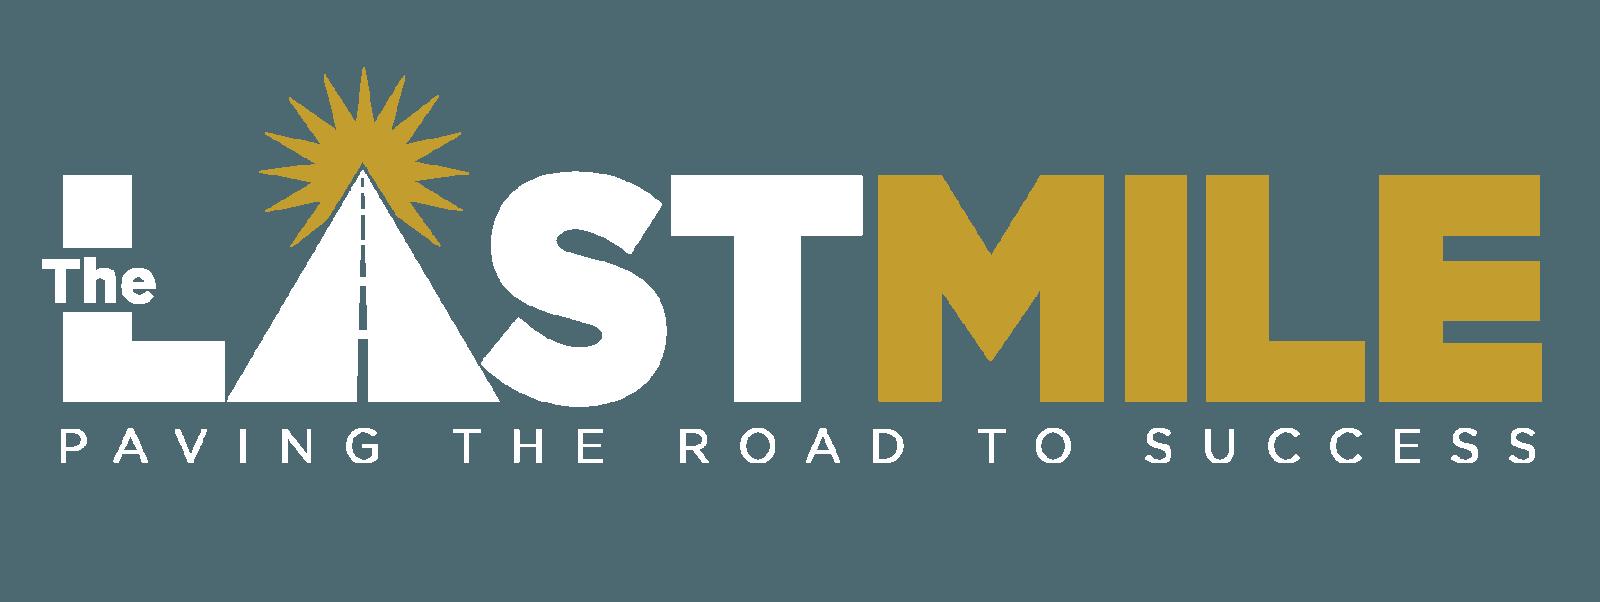 TLM logo.